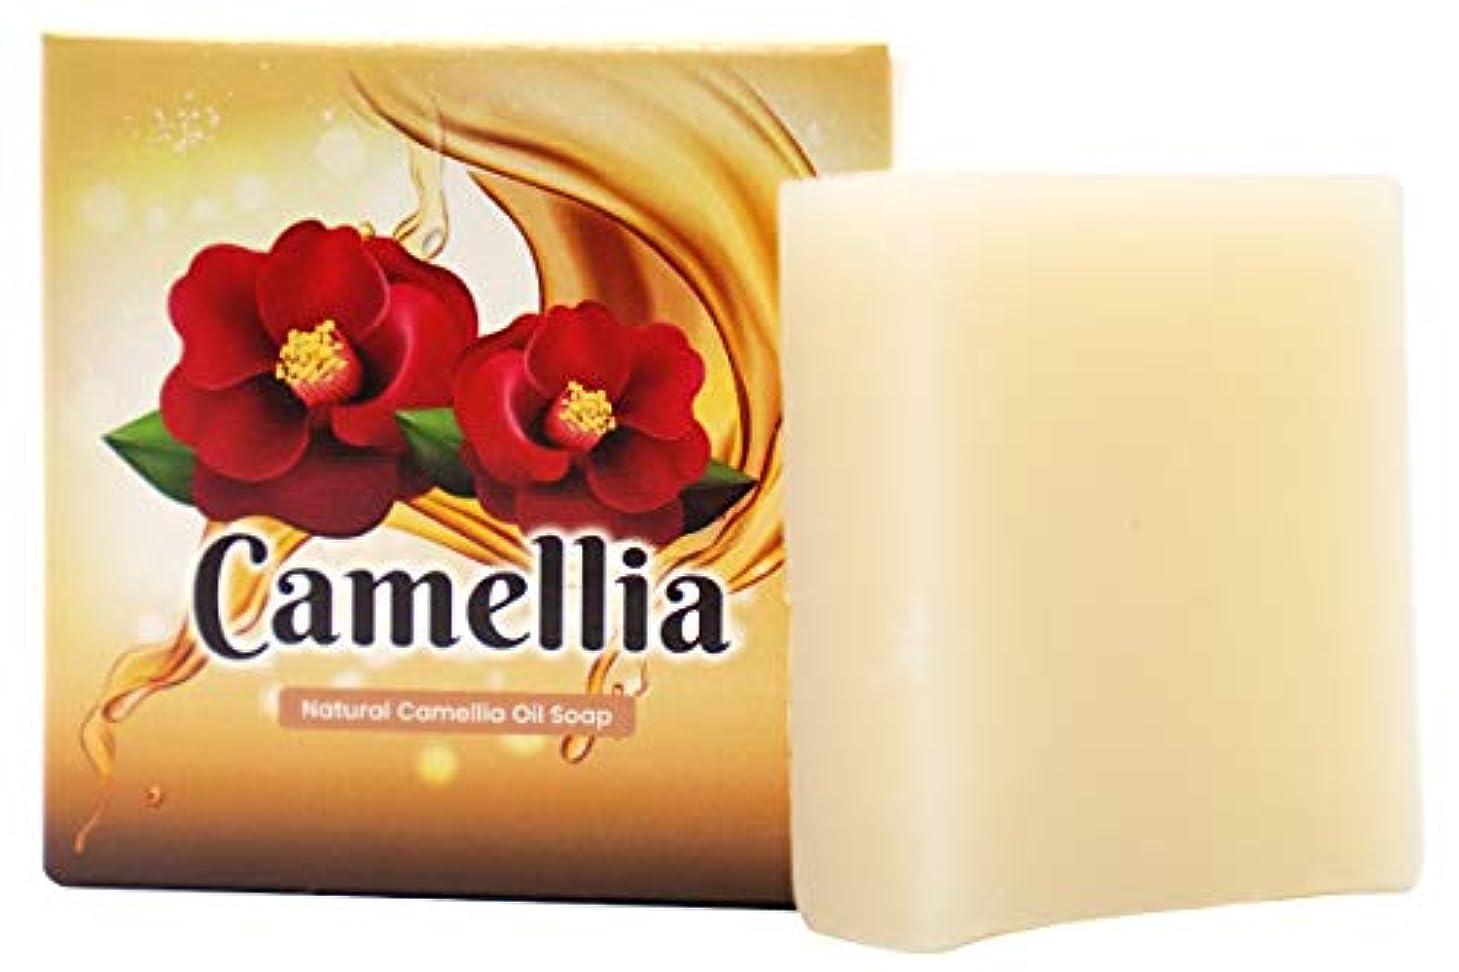 作り正直墓【Amazon限定】つばき油 無添加洗顔ソープ Natural Camellia Oil Soap 【にきび対策?毛穴?黒ずみ?美白?保湿】石鹸一筋18年 日本製